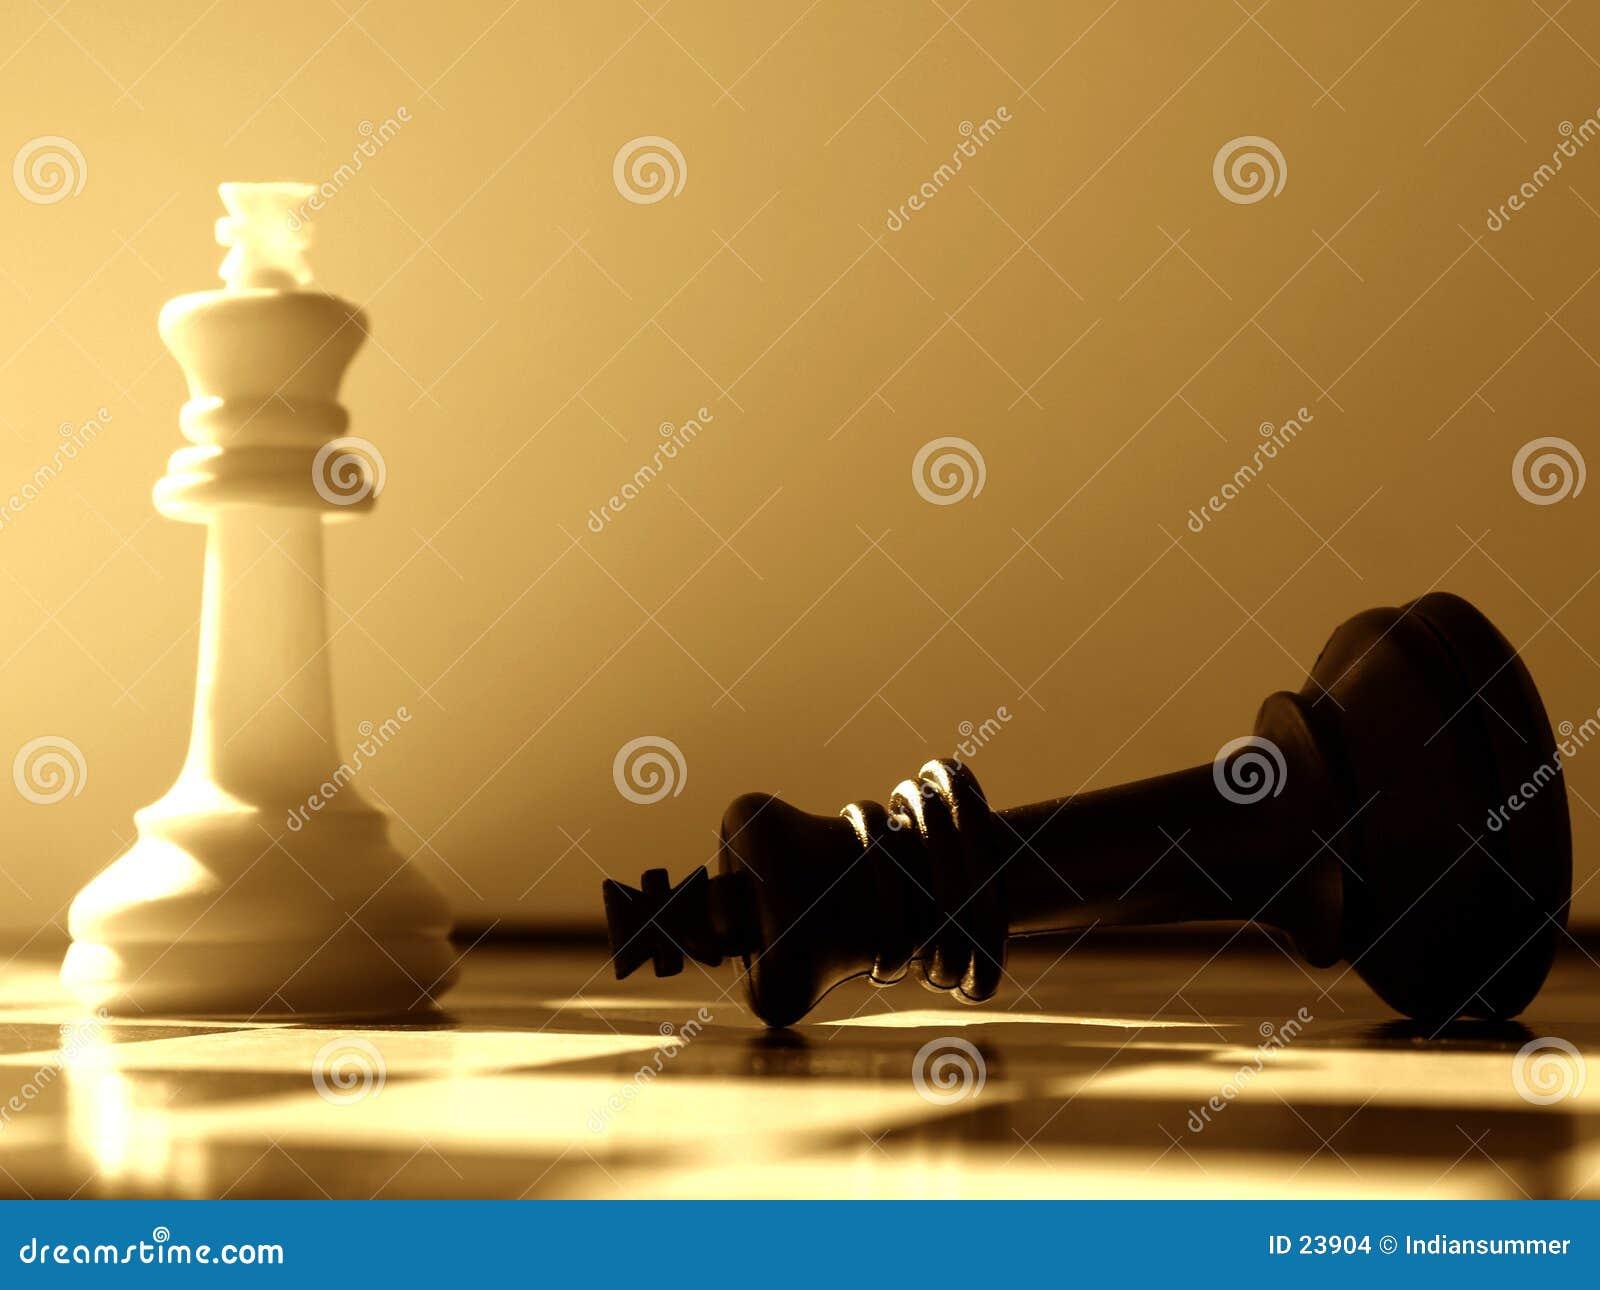 Chess scenario- white wins